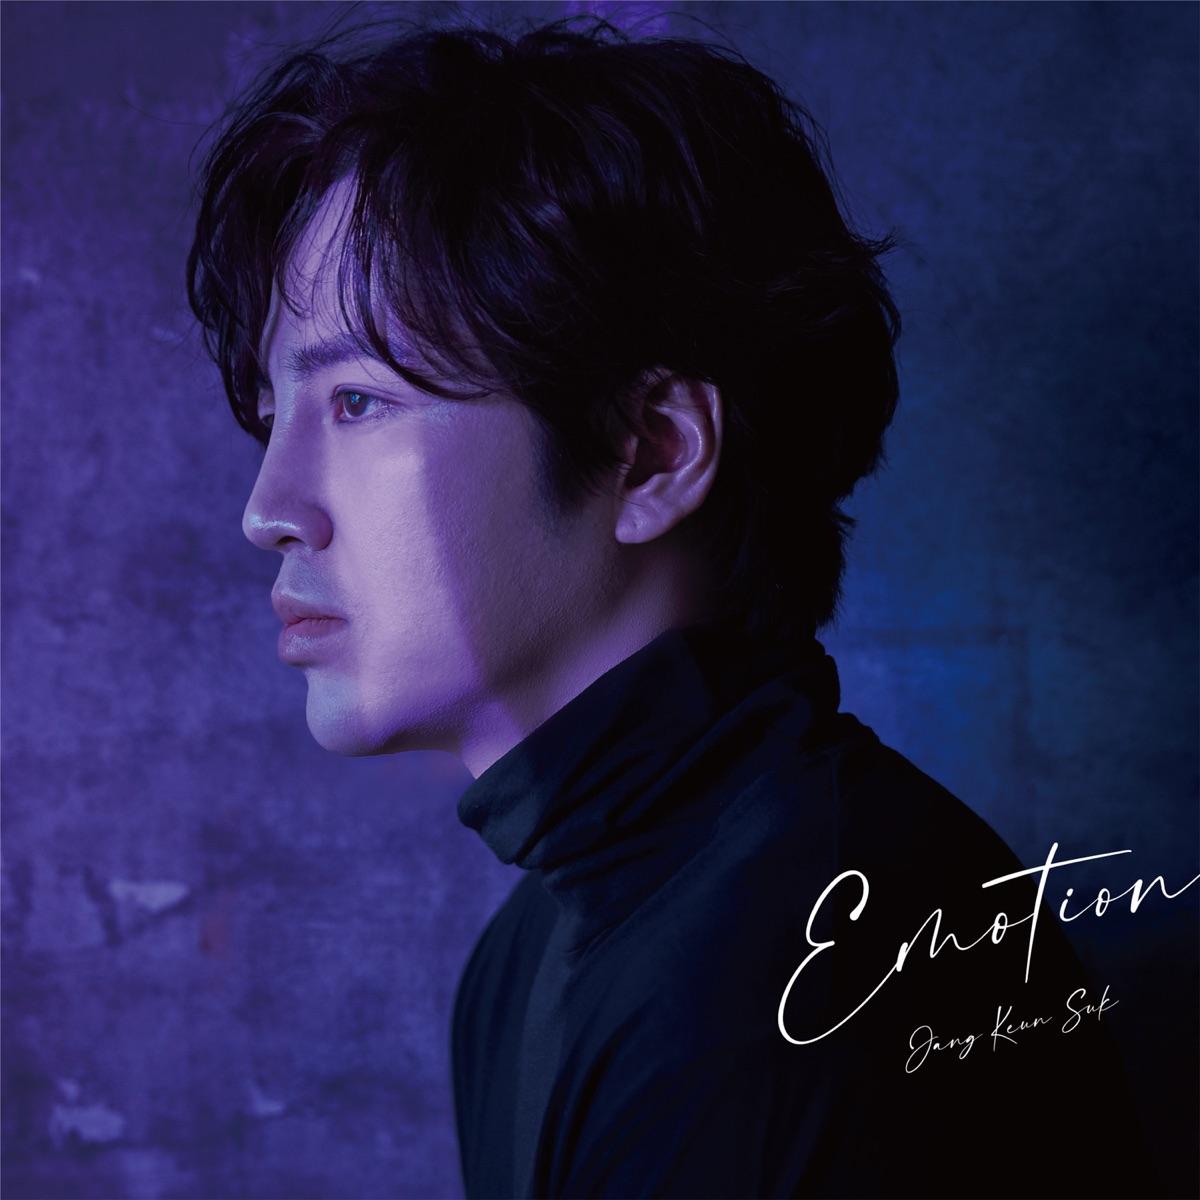 『チャン・グンソク - Mirage』収録の『Emotion』ジャケット